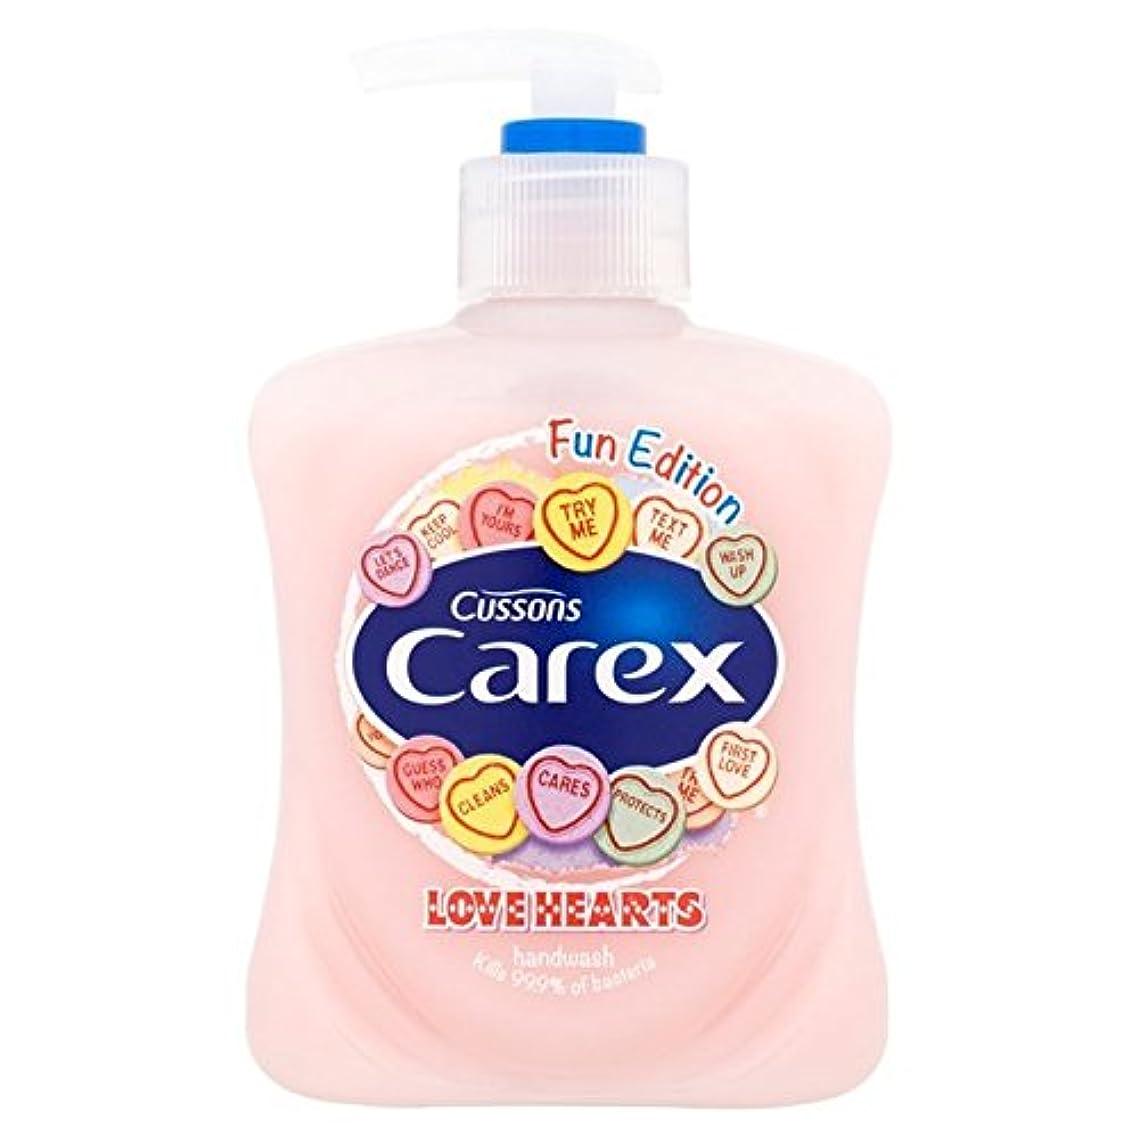 解放するありそう推測するCarex Fun Edition Love Hearts Hand Wash 250ml (Pack of 6) - スゲ楽しい版愛の心のハンドウォッシュ250ミリリットル x6 [並行輸入品]